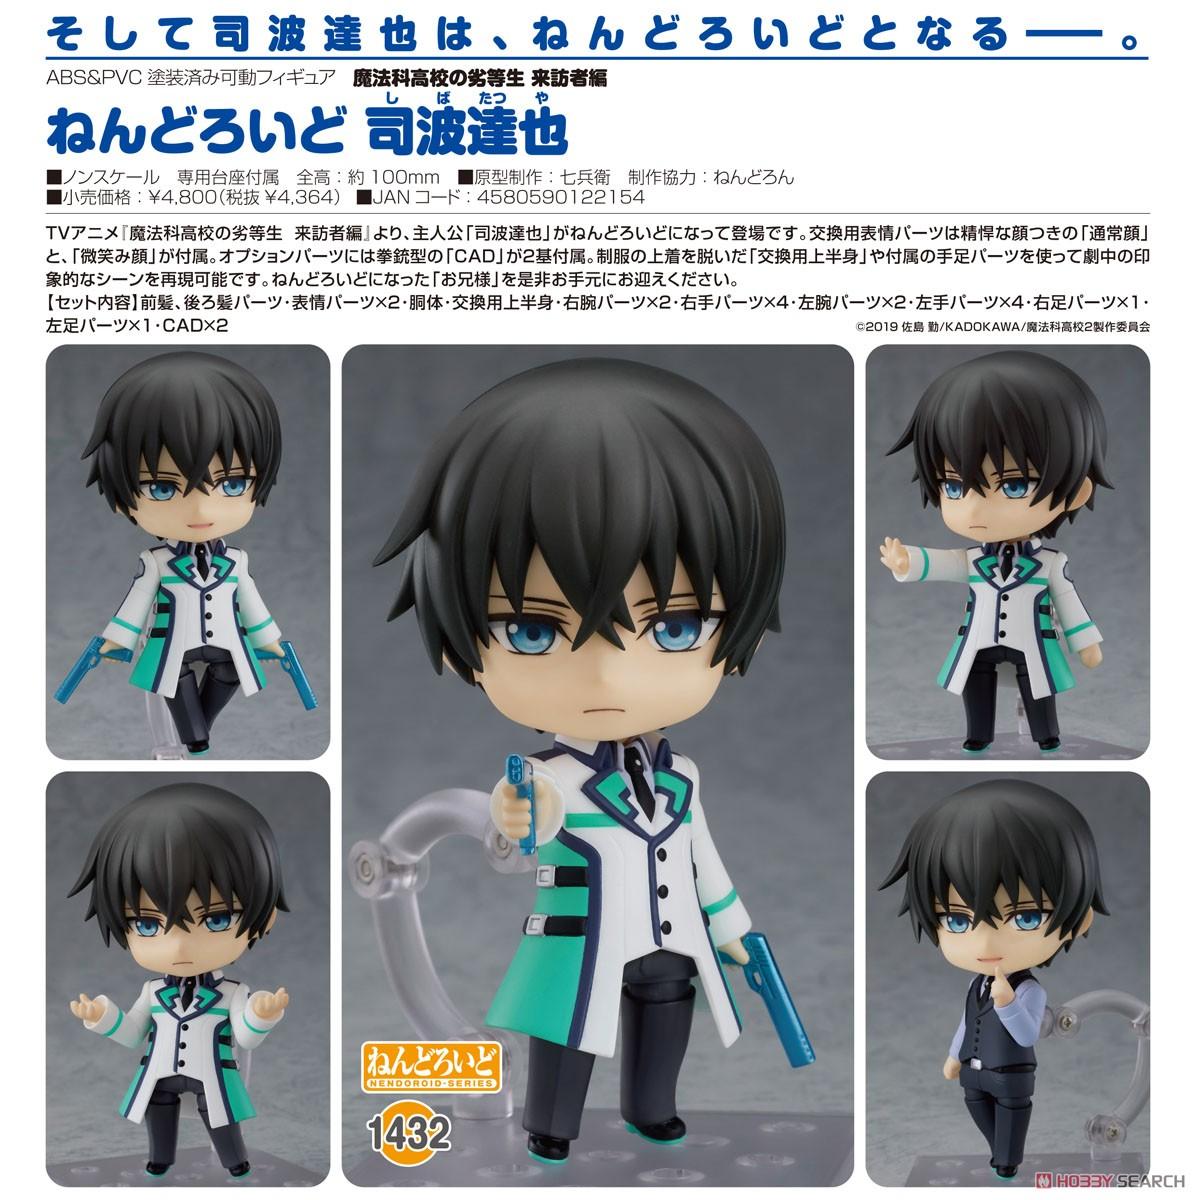 ねんどろいど『司波達也』魔法科高校の劣等生 デフォルメ可動フィギュア-006